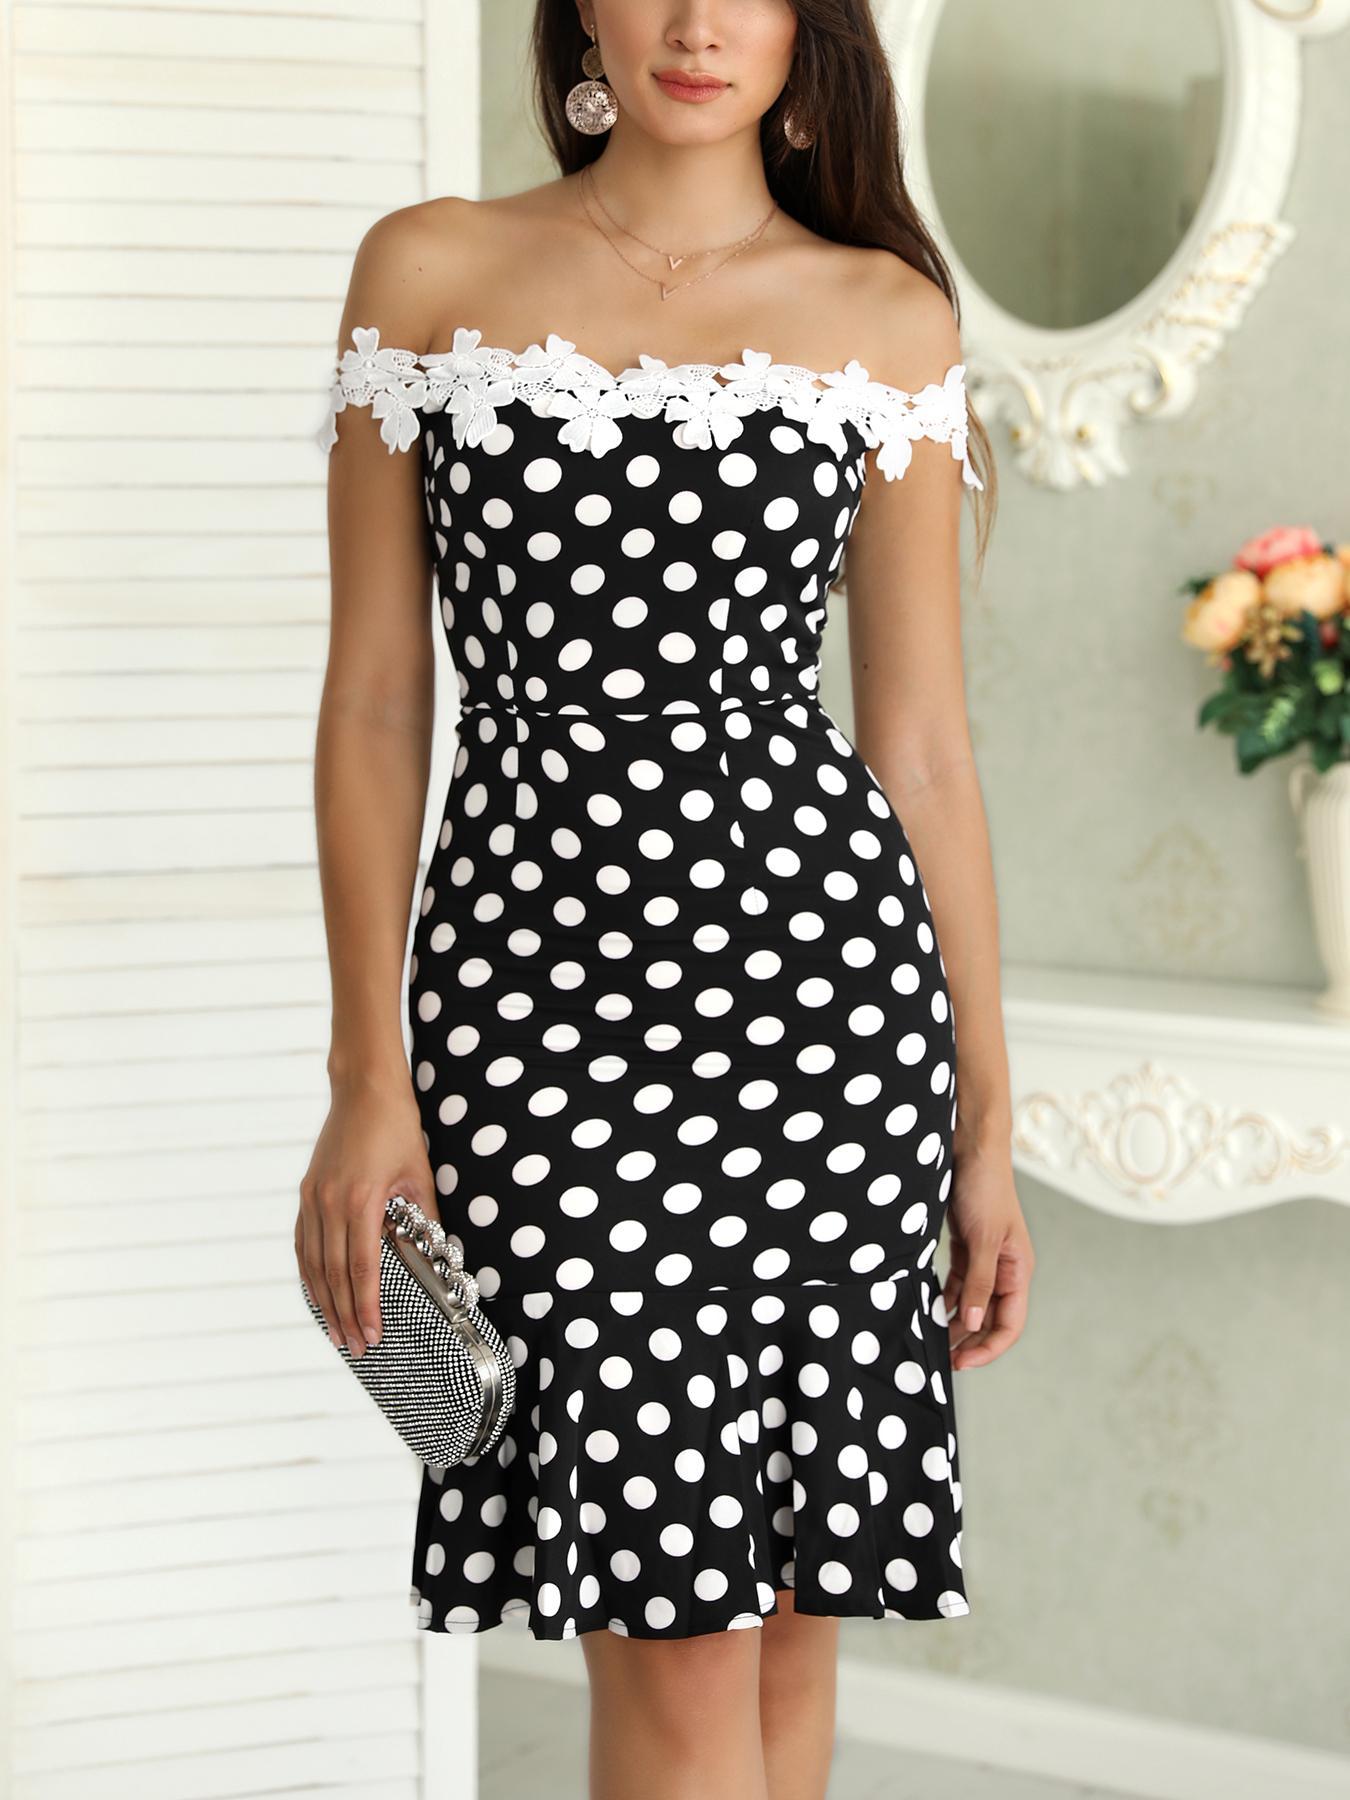 Dot Print Lace Applique Fishtail Bodycon Dress